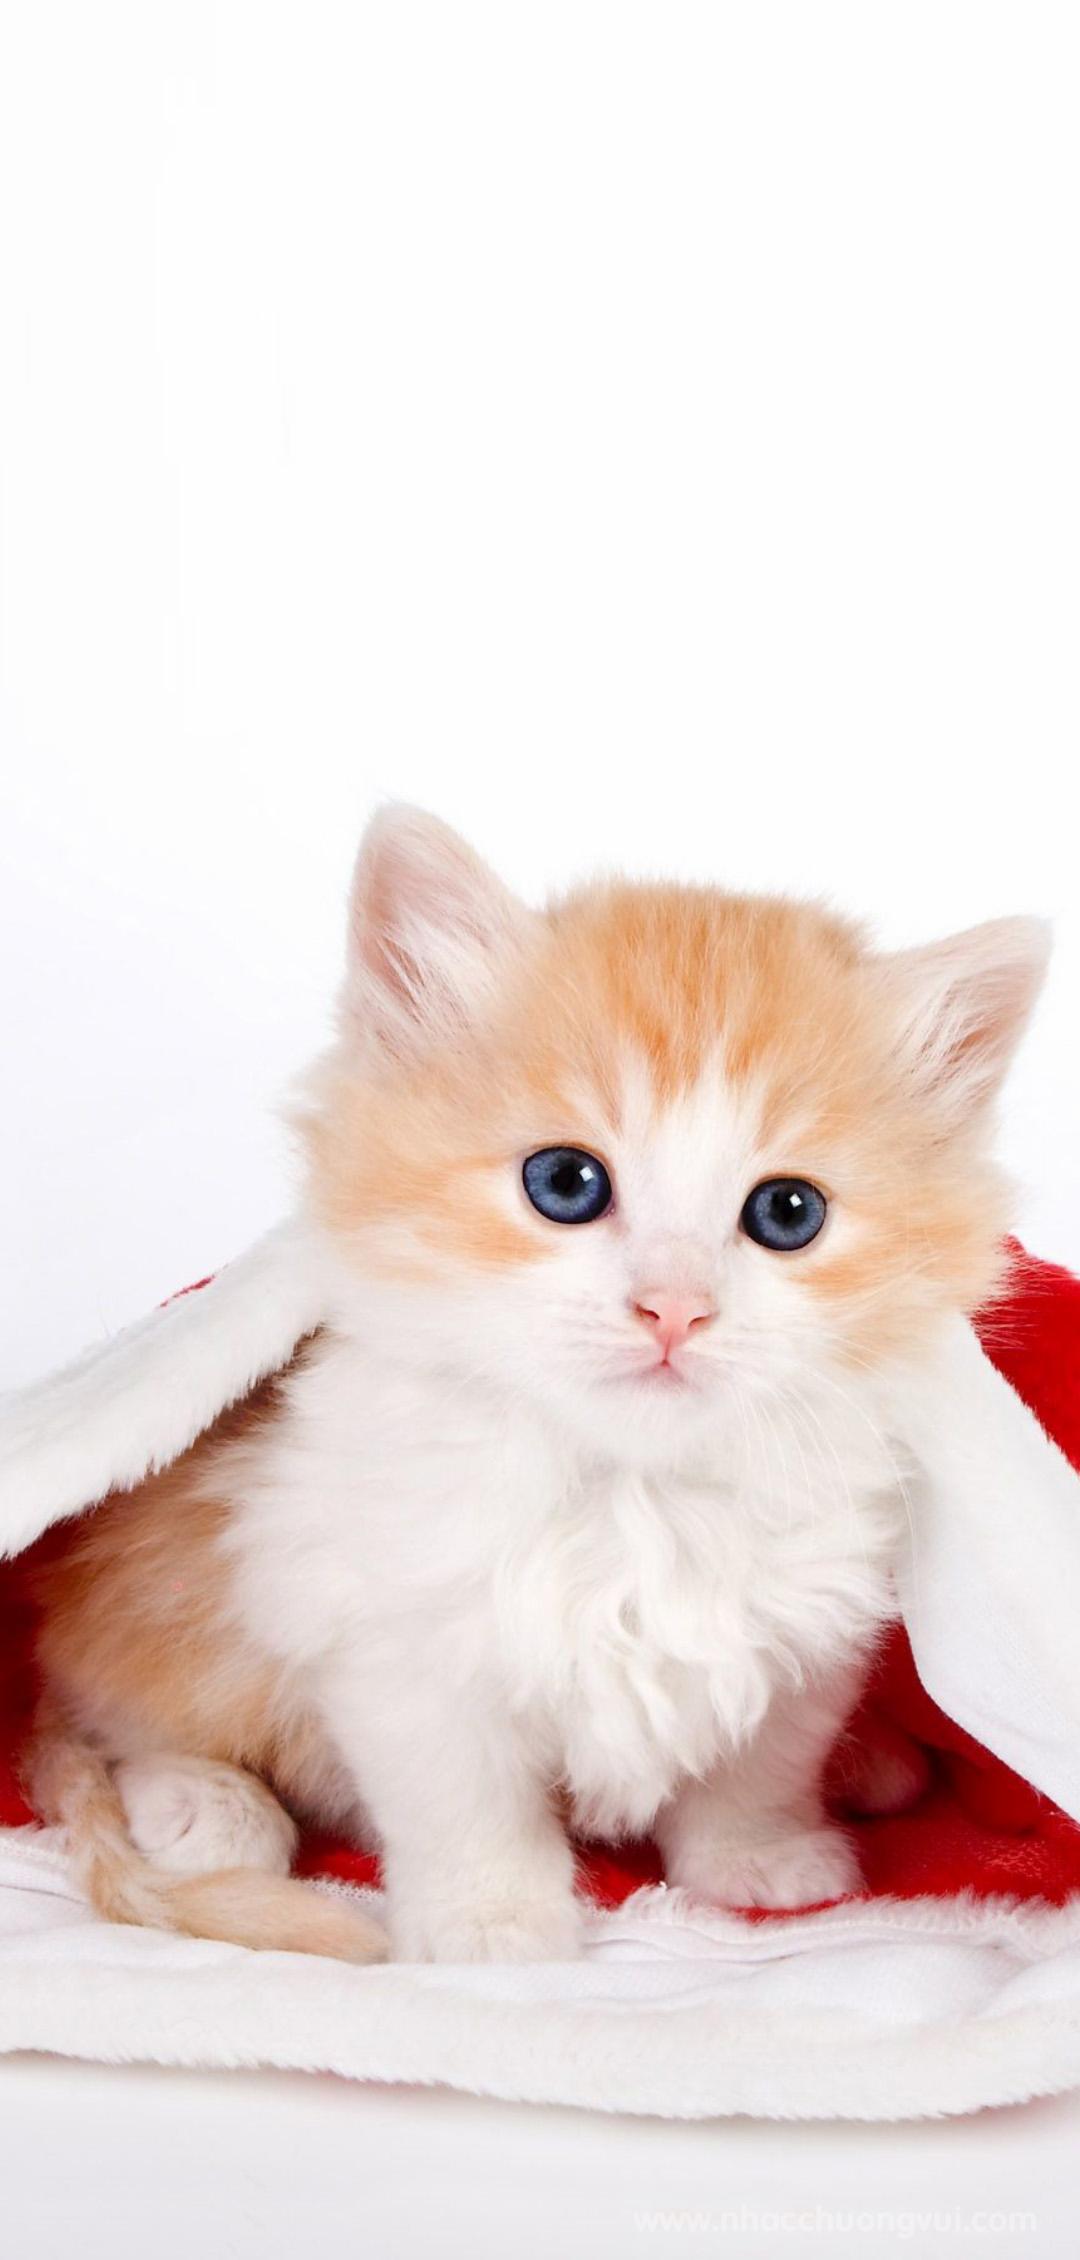 Hình nền mèo dễ thương nhất cho điện thoại 6